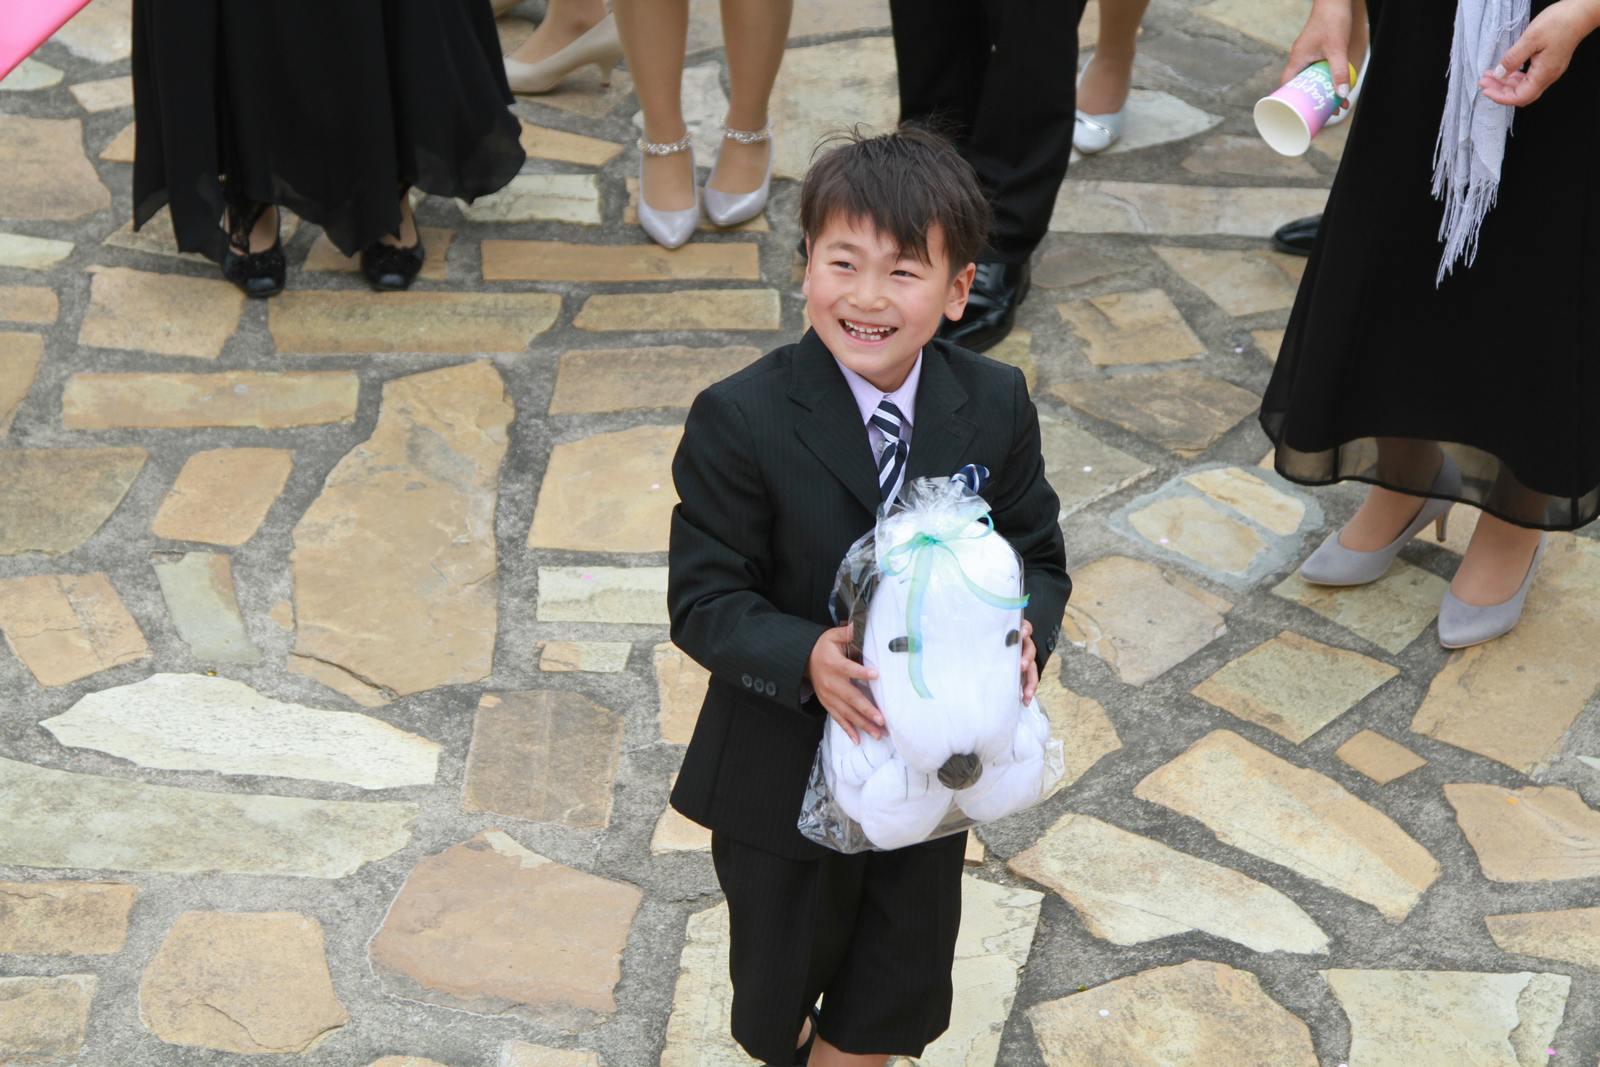 徳島市の結婚式場ブランアンジュで挙式後のセレモニーでのスヌーピーのぬいぐるみプレゼント